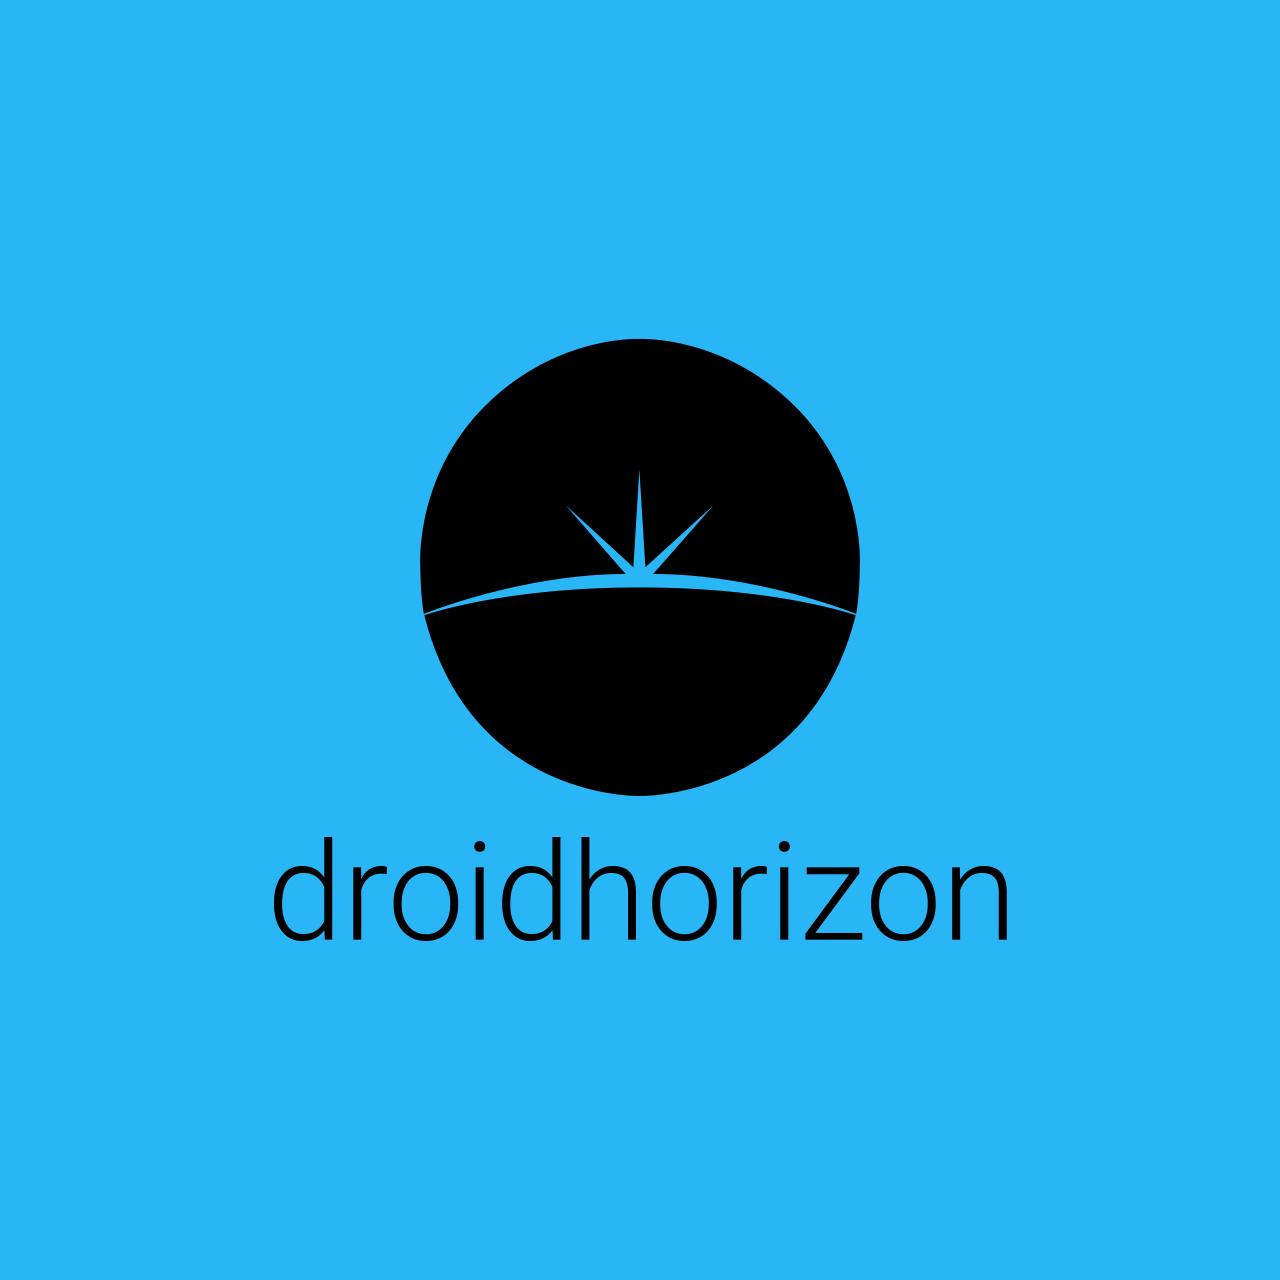 DroidHorizon